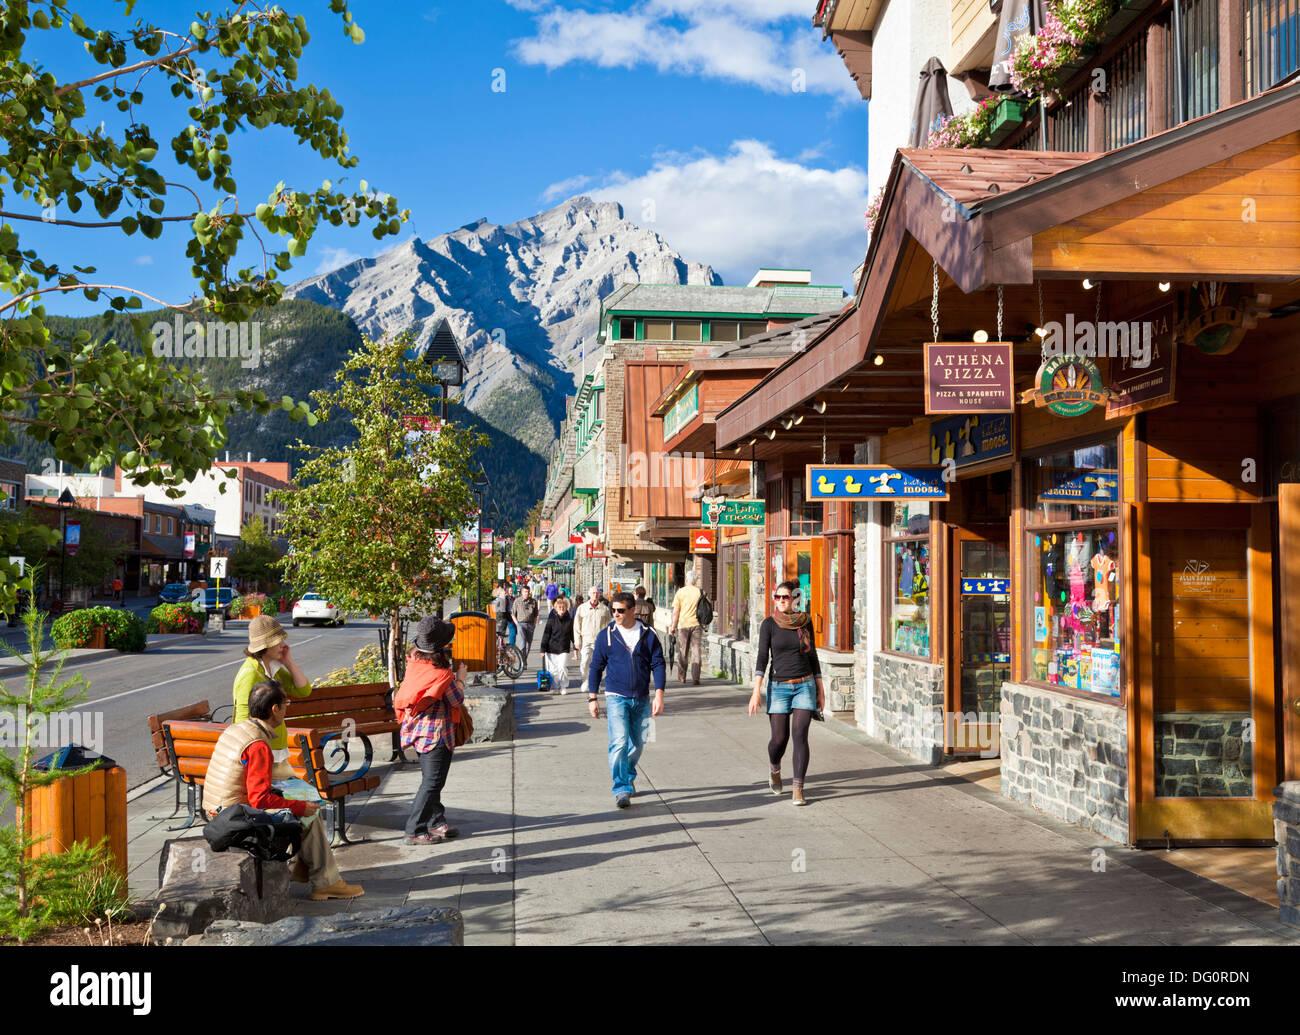 La ville de Banff et mont Cascade Banff National Park Alberta Canada Amérique du Nord Photo Stock